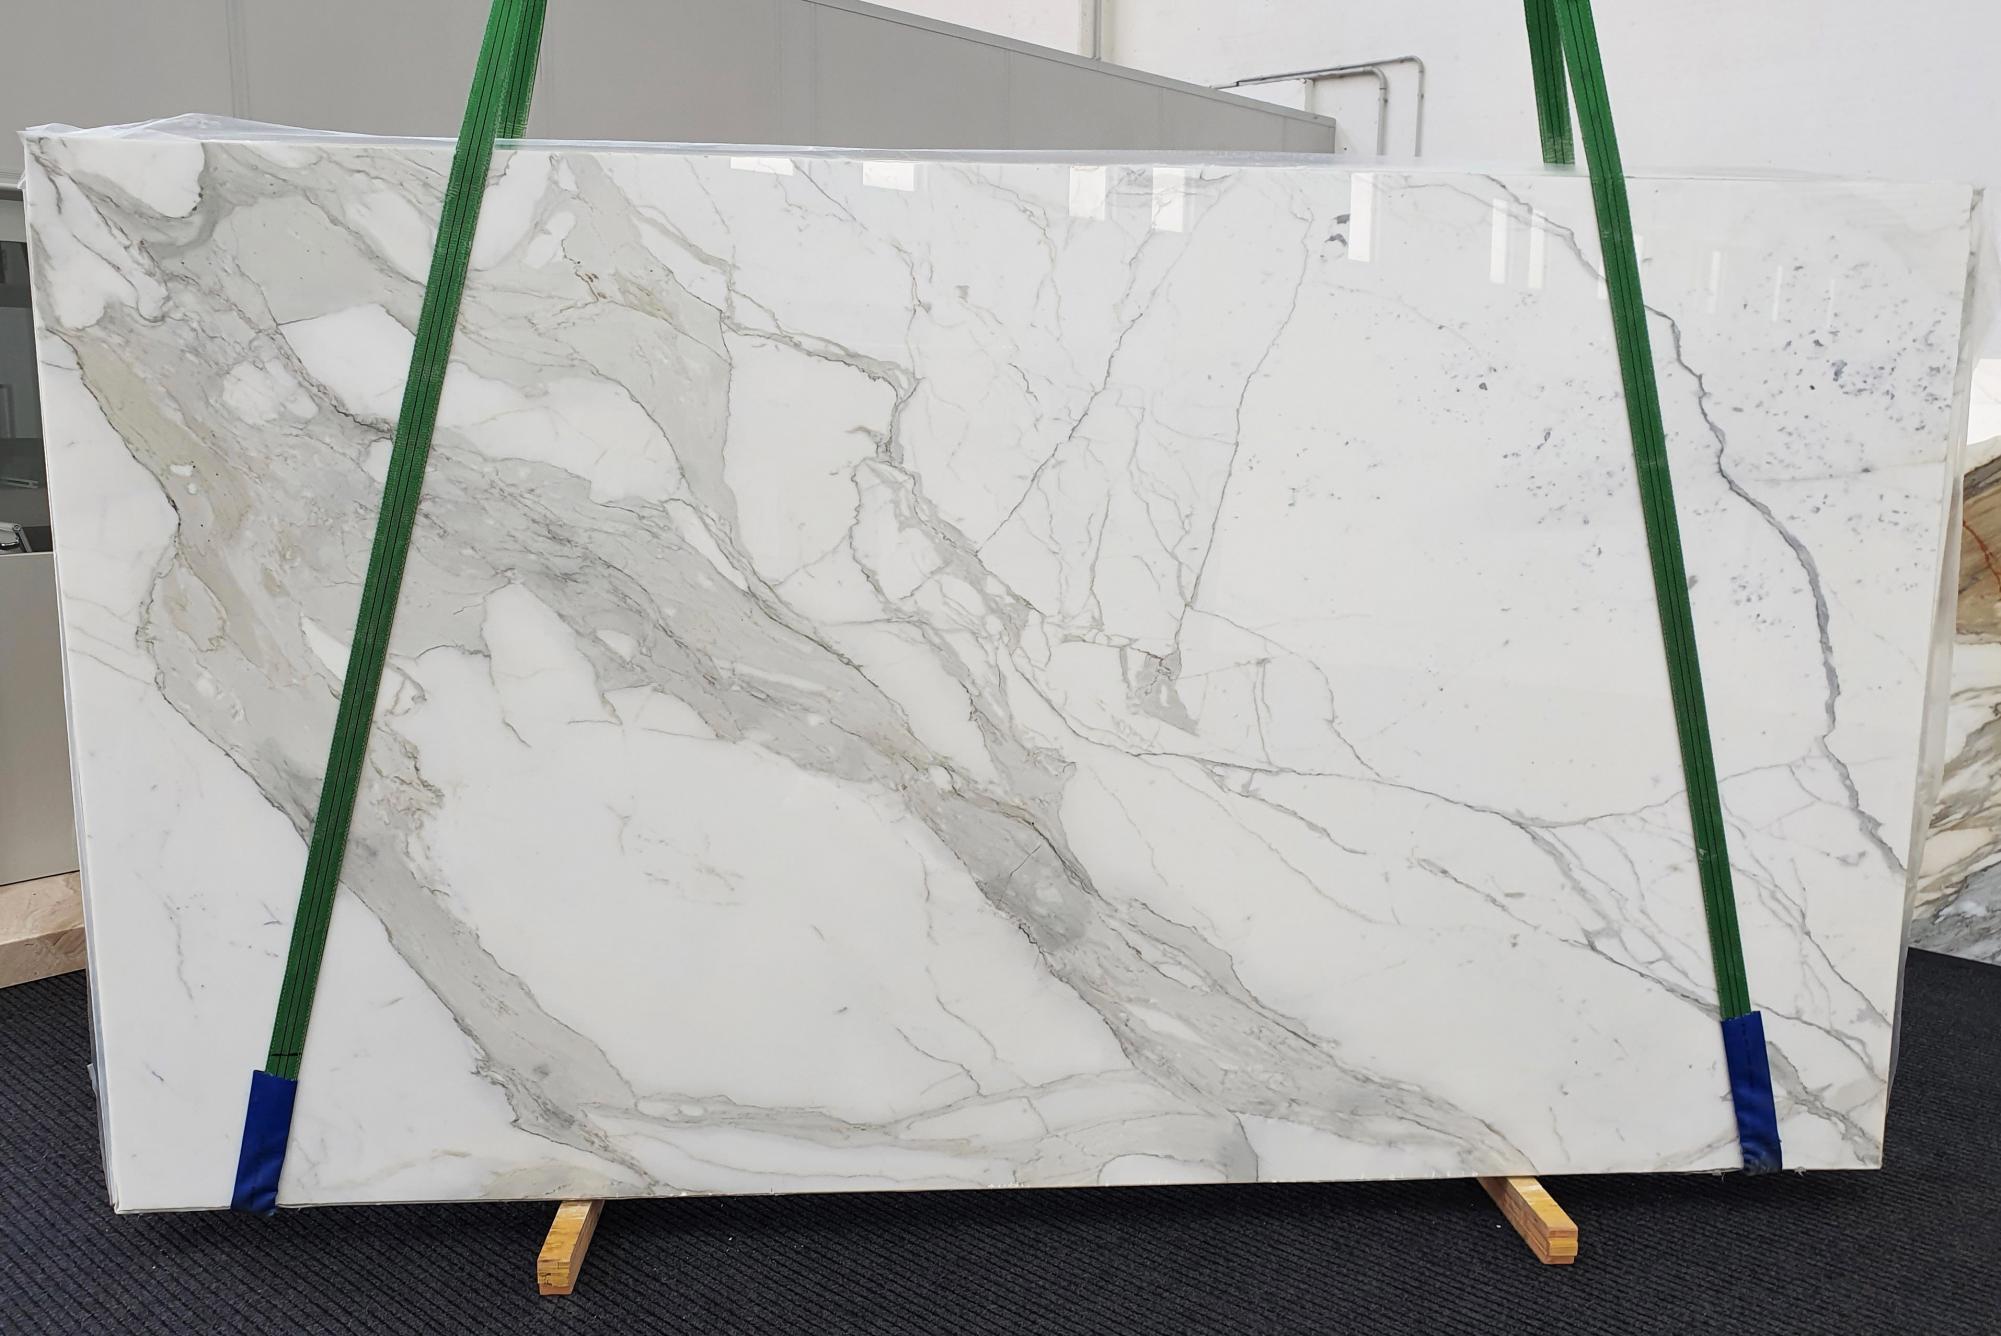 CALACATTA ORO EXTRA Fourniture Veneto (Italie) d' dalles brillantes en marbre naturel 1366 , Slab #52